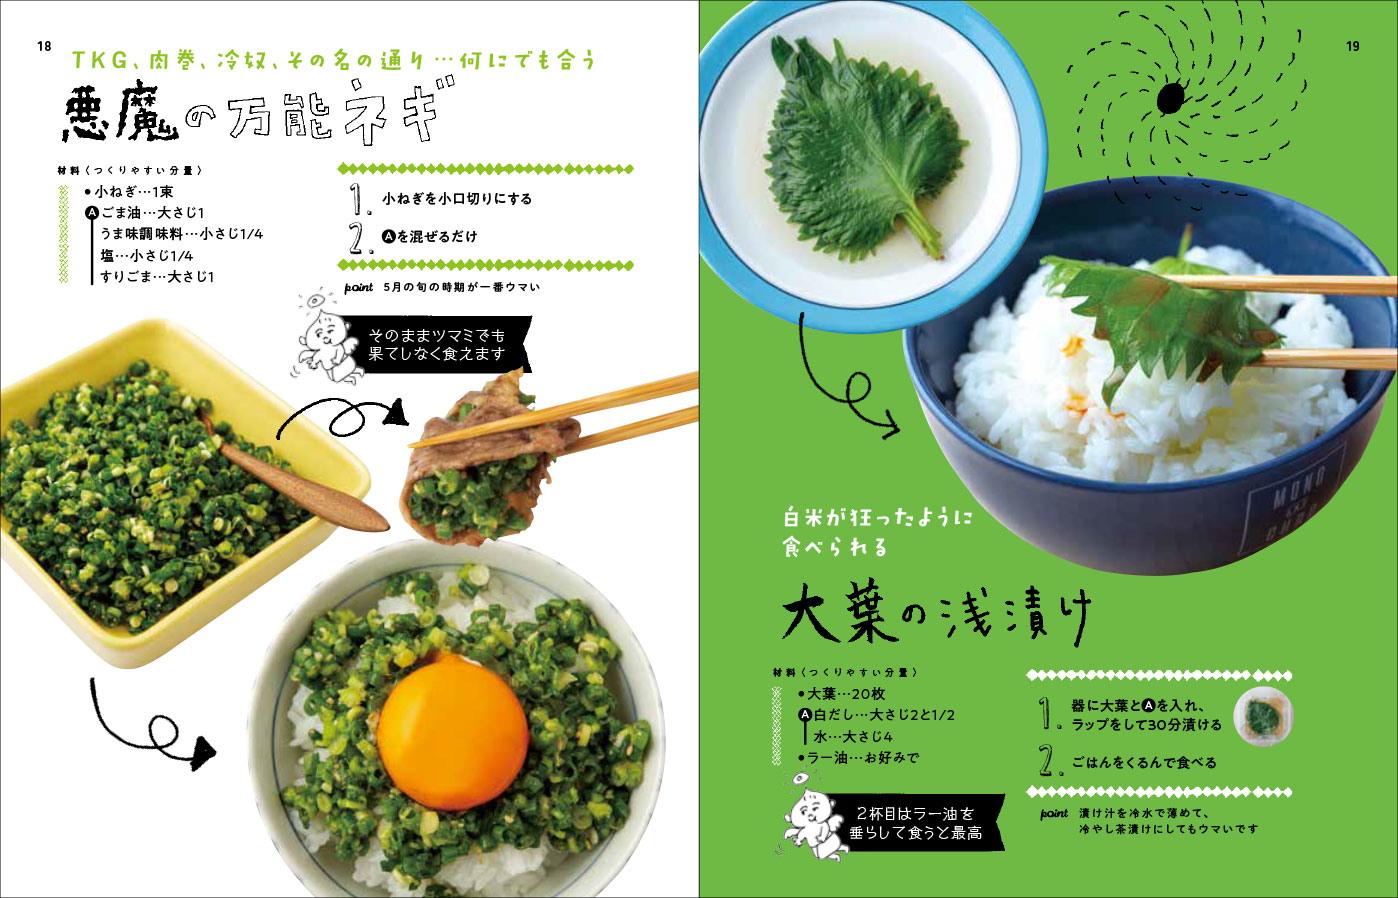 レシピ リュウジ リュウジおにいさんの調理器具「バズレシピに欠かせない道具」5選  メルカリマガジン